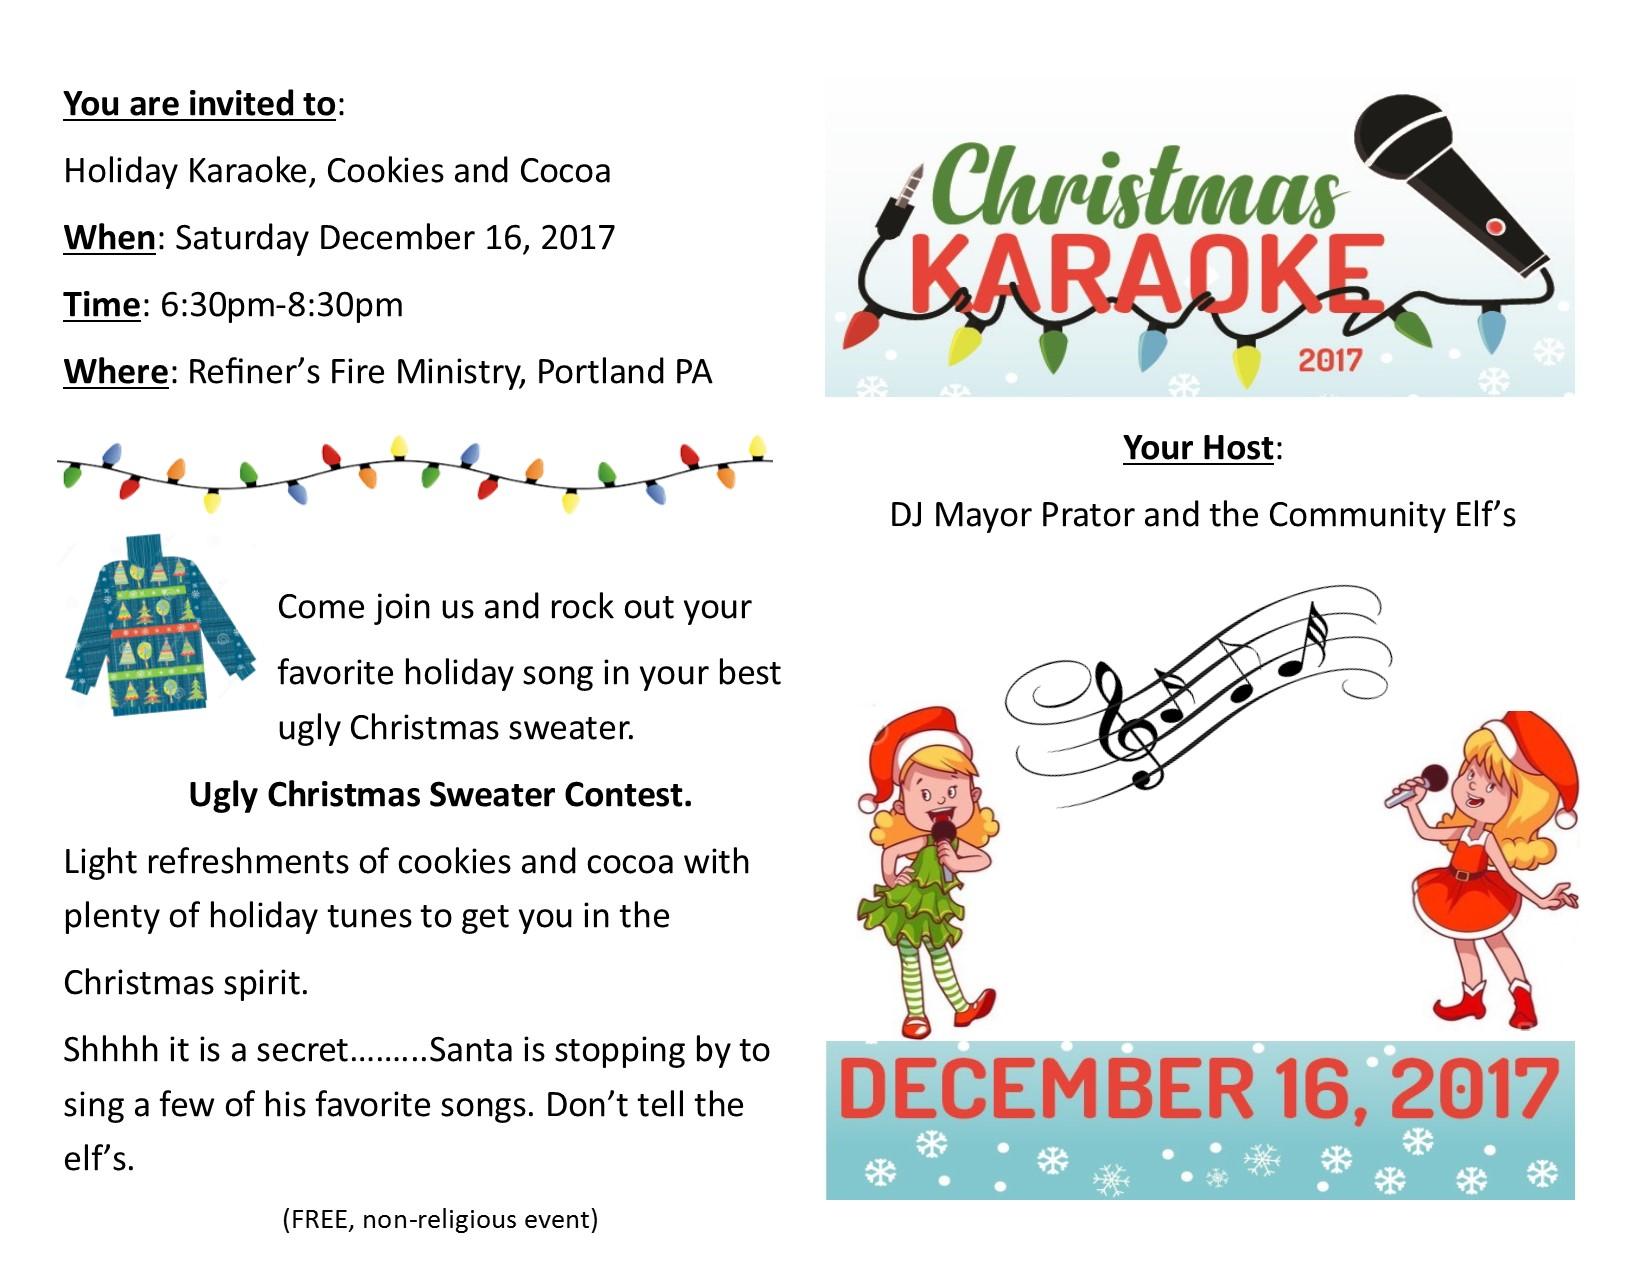 Karaoke Flyer 2017